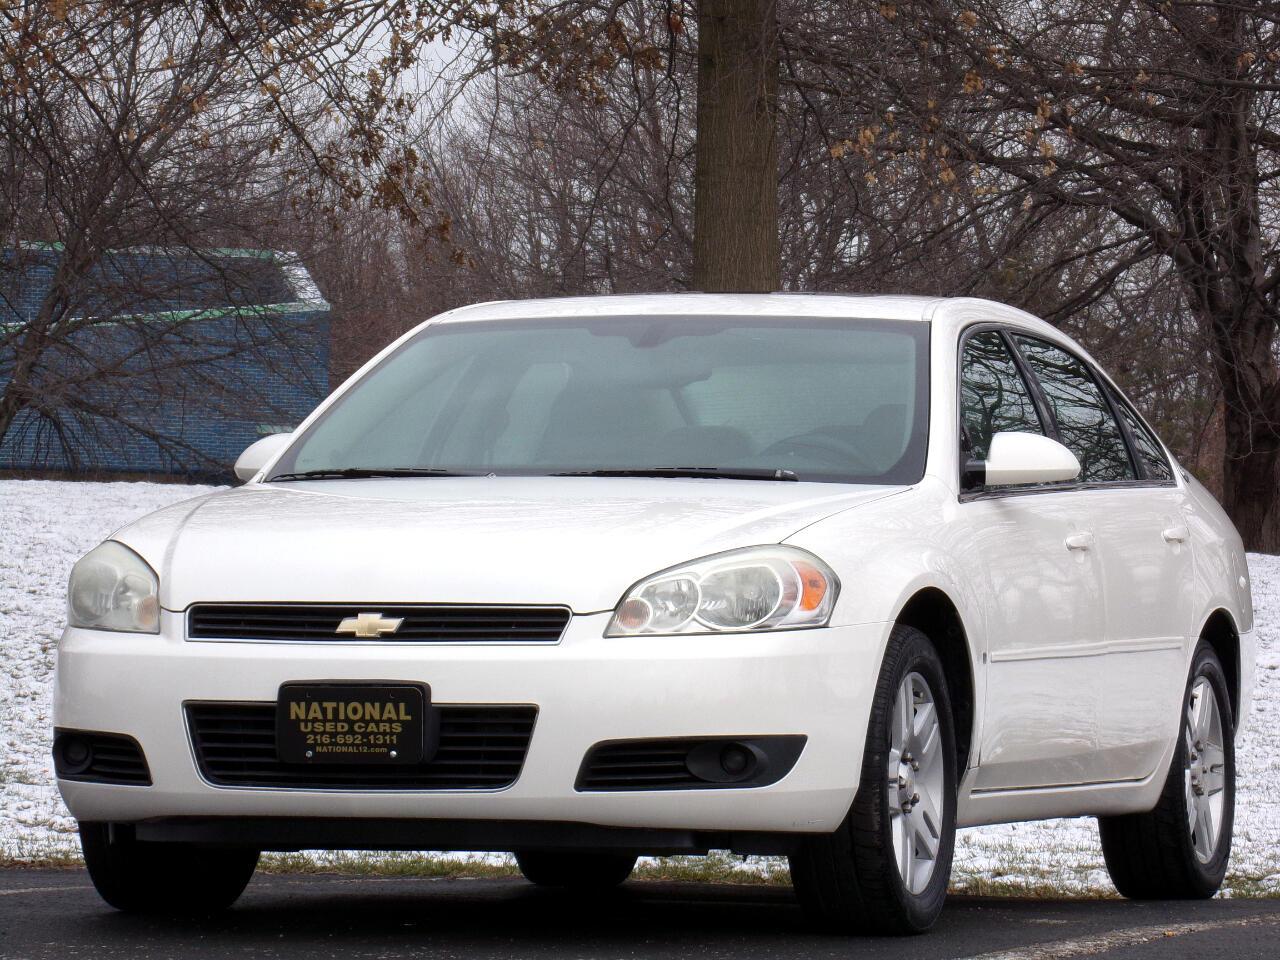 Chevrolet Impala LTZ 2006